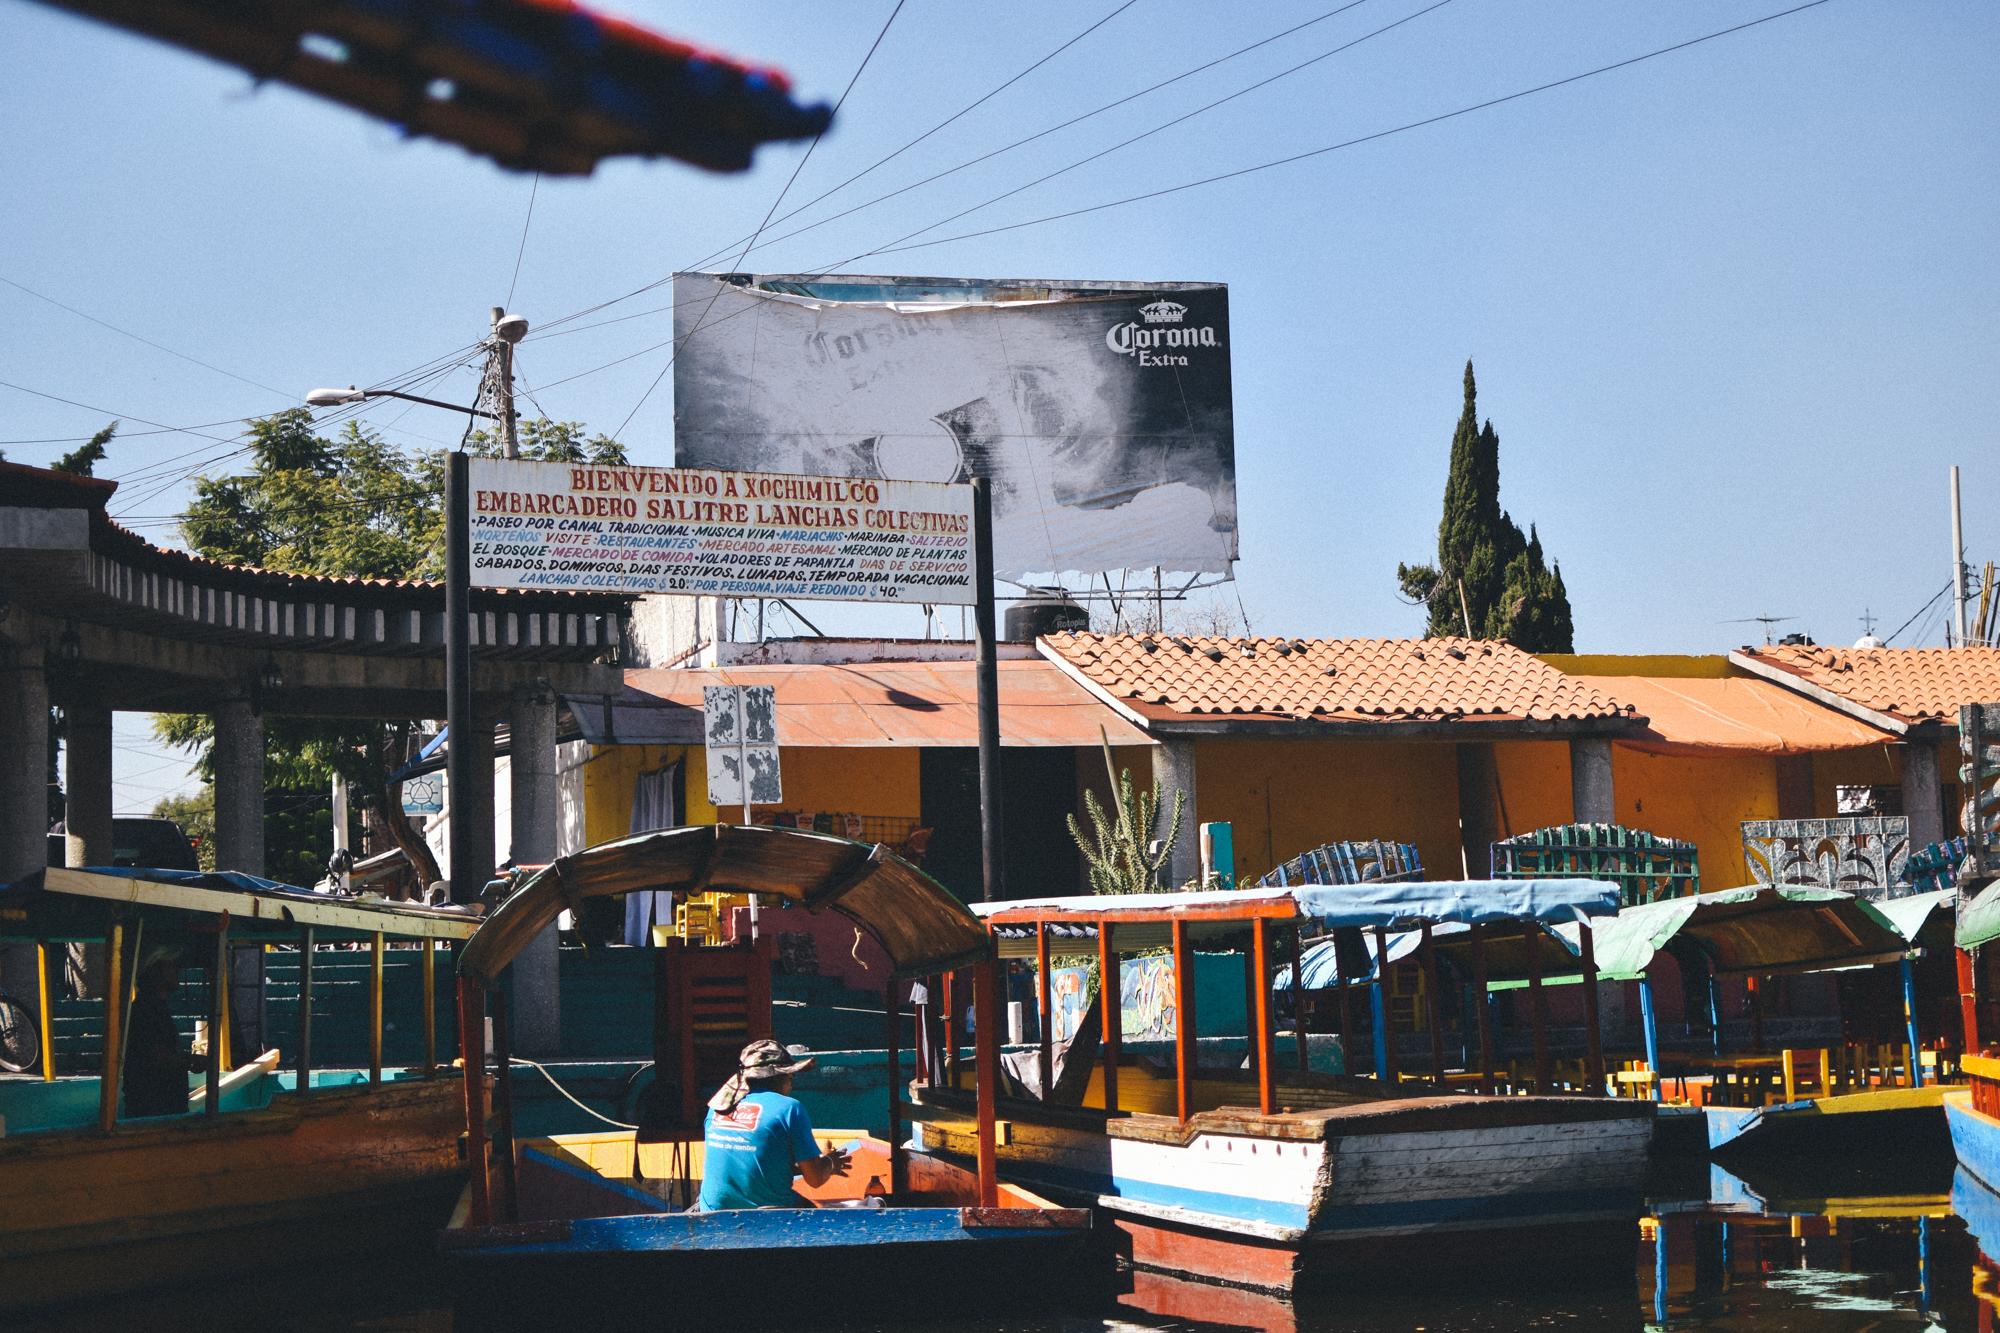 Kyle Studstill_photojournal_travel_Mexico City-47.jpg